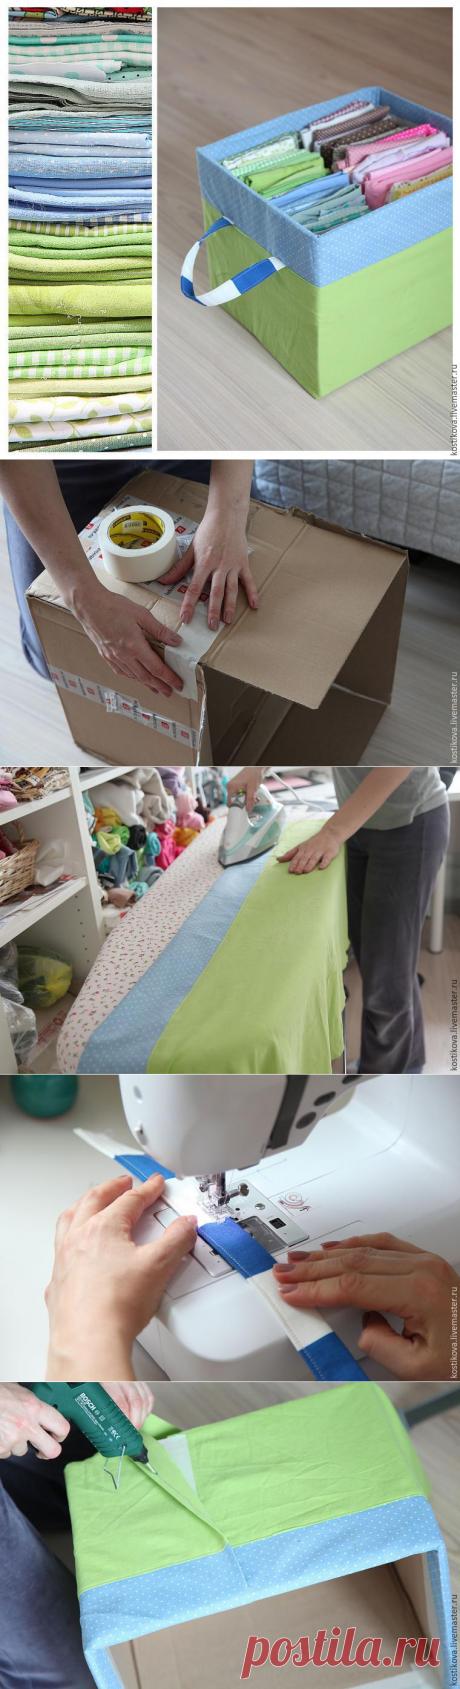 Мастерим декоративную коробку для хранения тканей - Ярмарка Мастеров - ручная работа, handmade